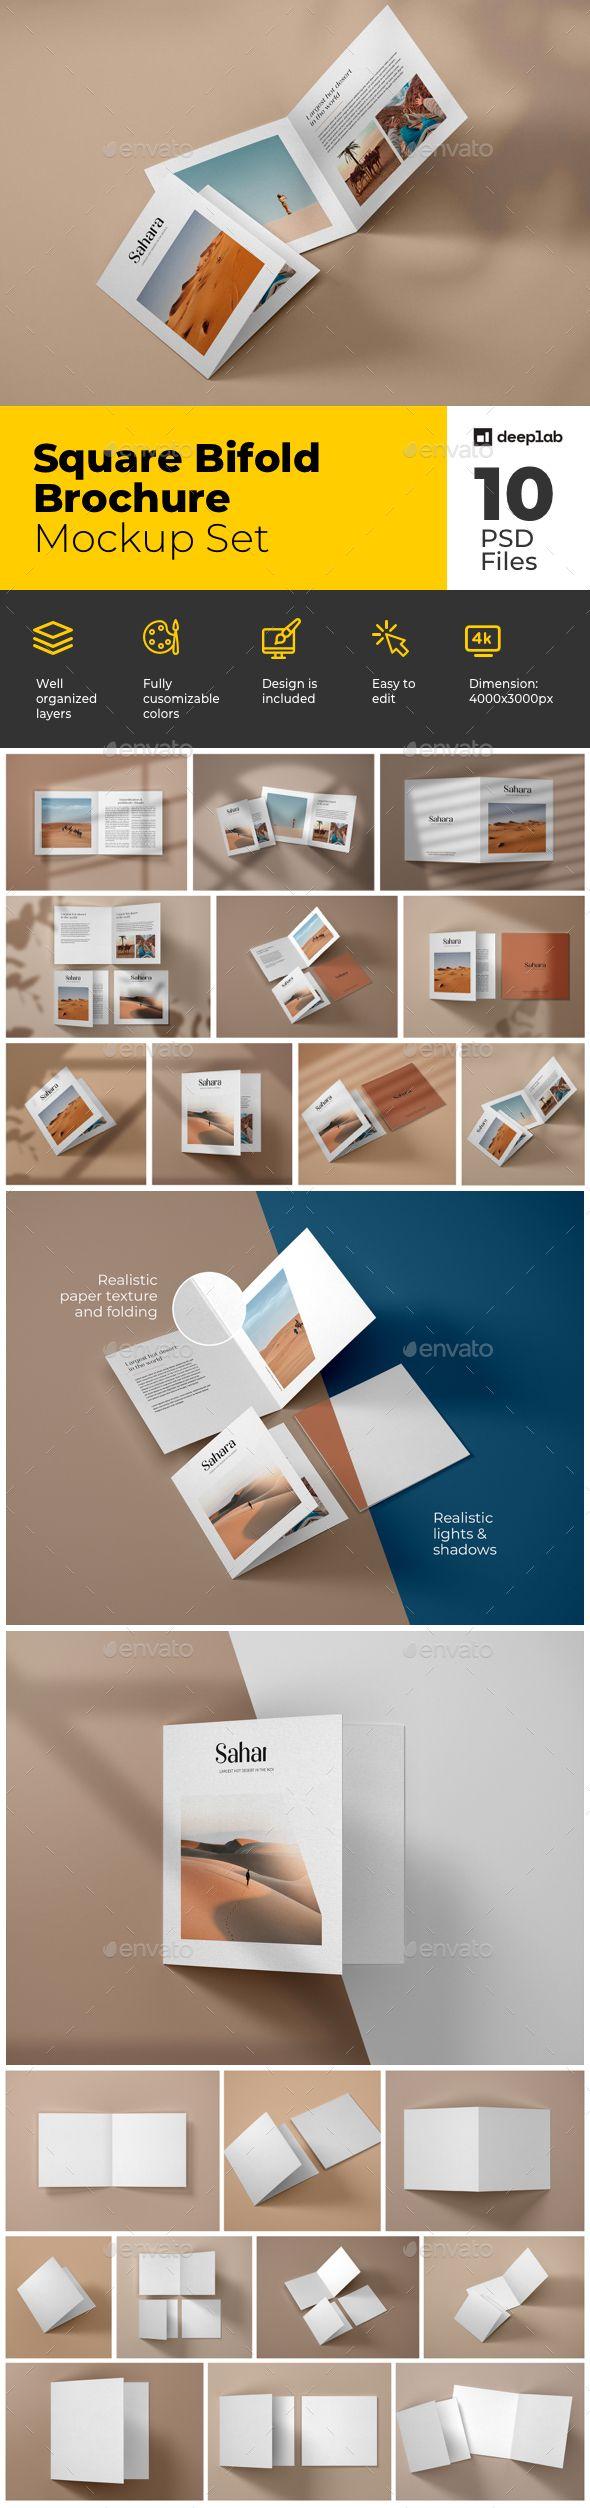 Download Square Bifold Brochure Mockup Set Brochures Mockups Box Mockup Flyer Mockup